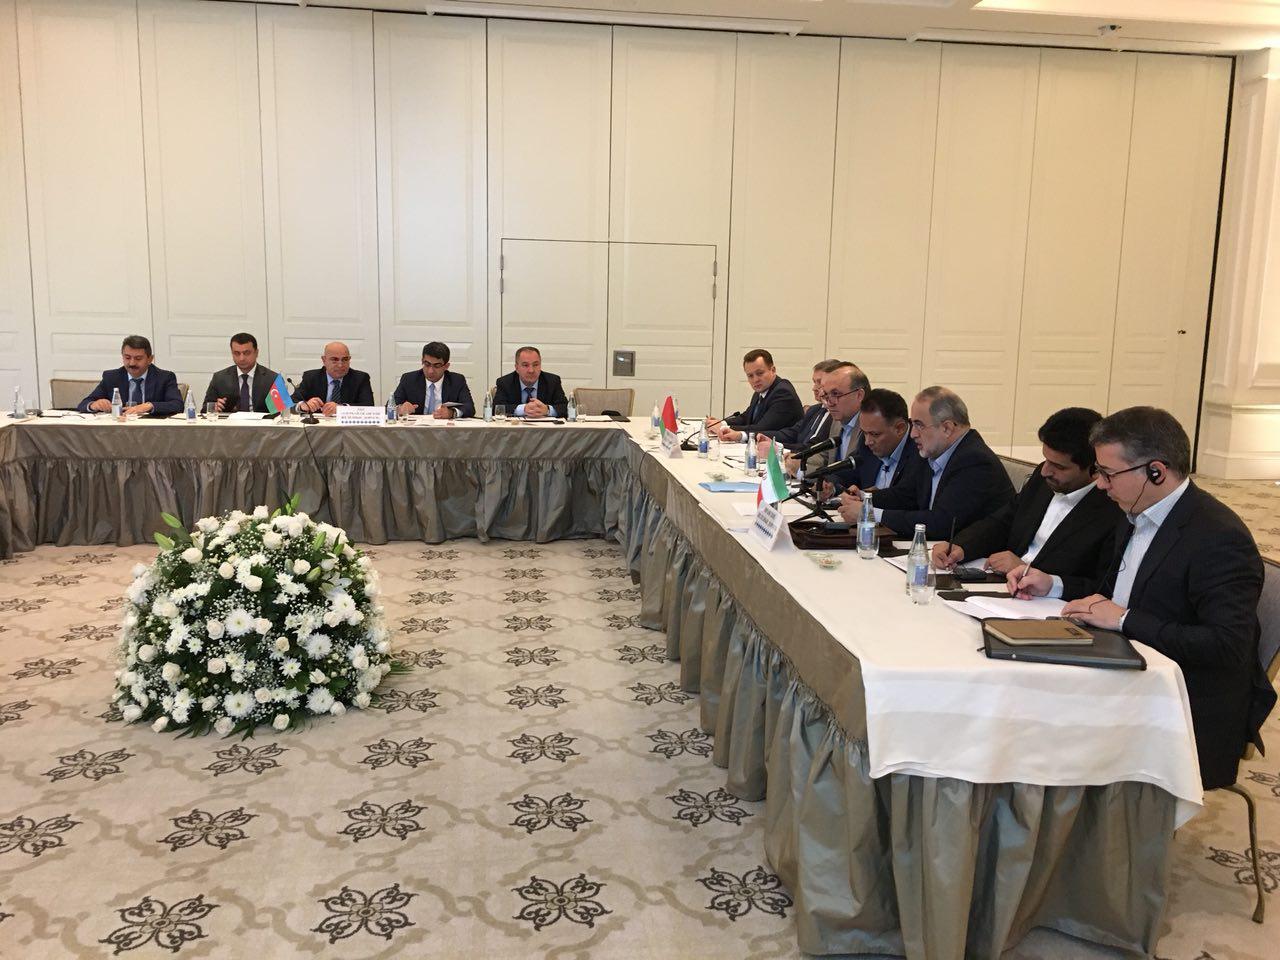 تفاهم ایران،روسیه،آذربایجان وبلاروس برای توسعه ظرفیت کریدور شمال - جنوب